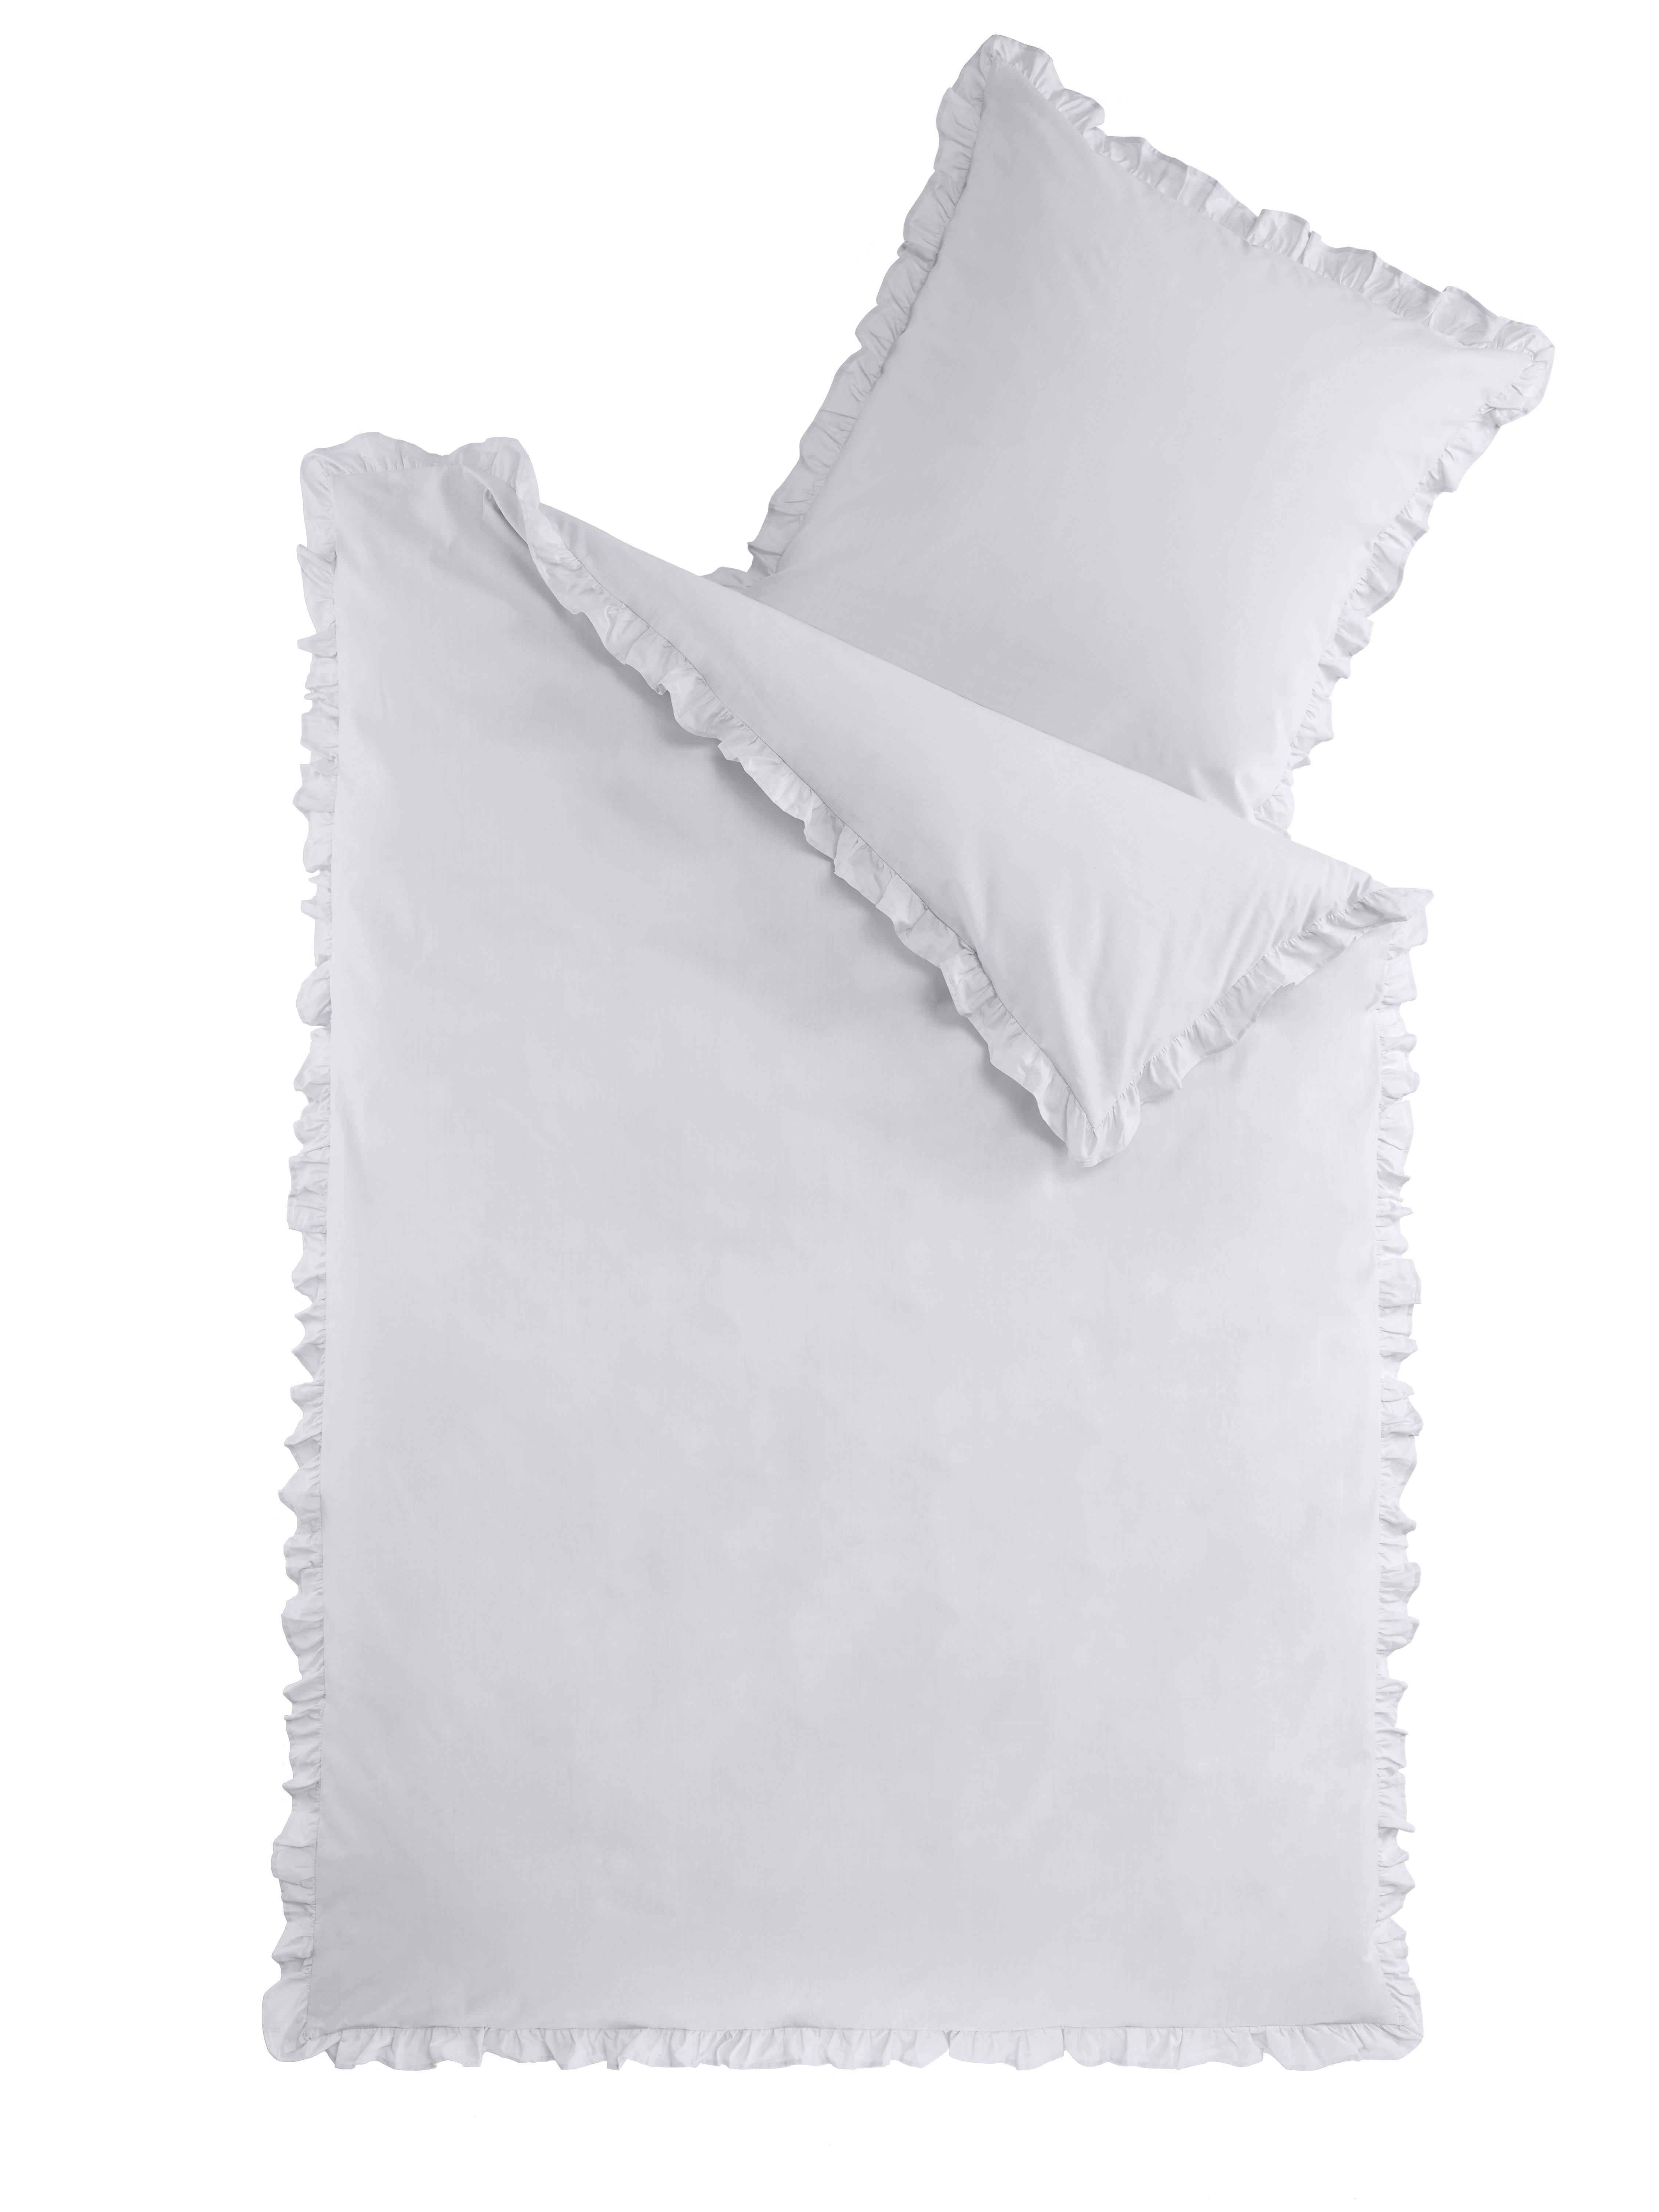 Bettwäsche Romantik mit Rüschen - Silber - 135x200cm